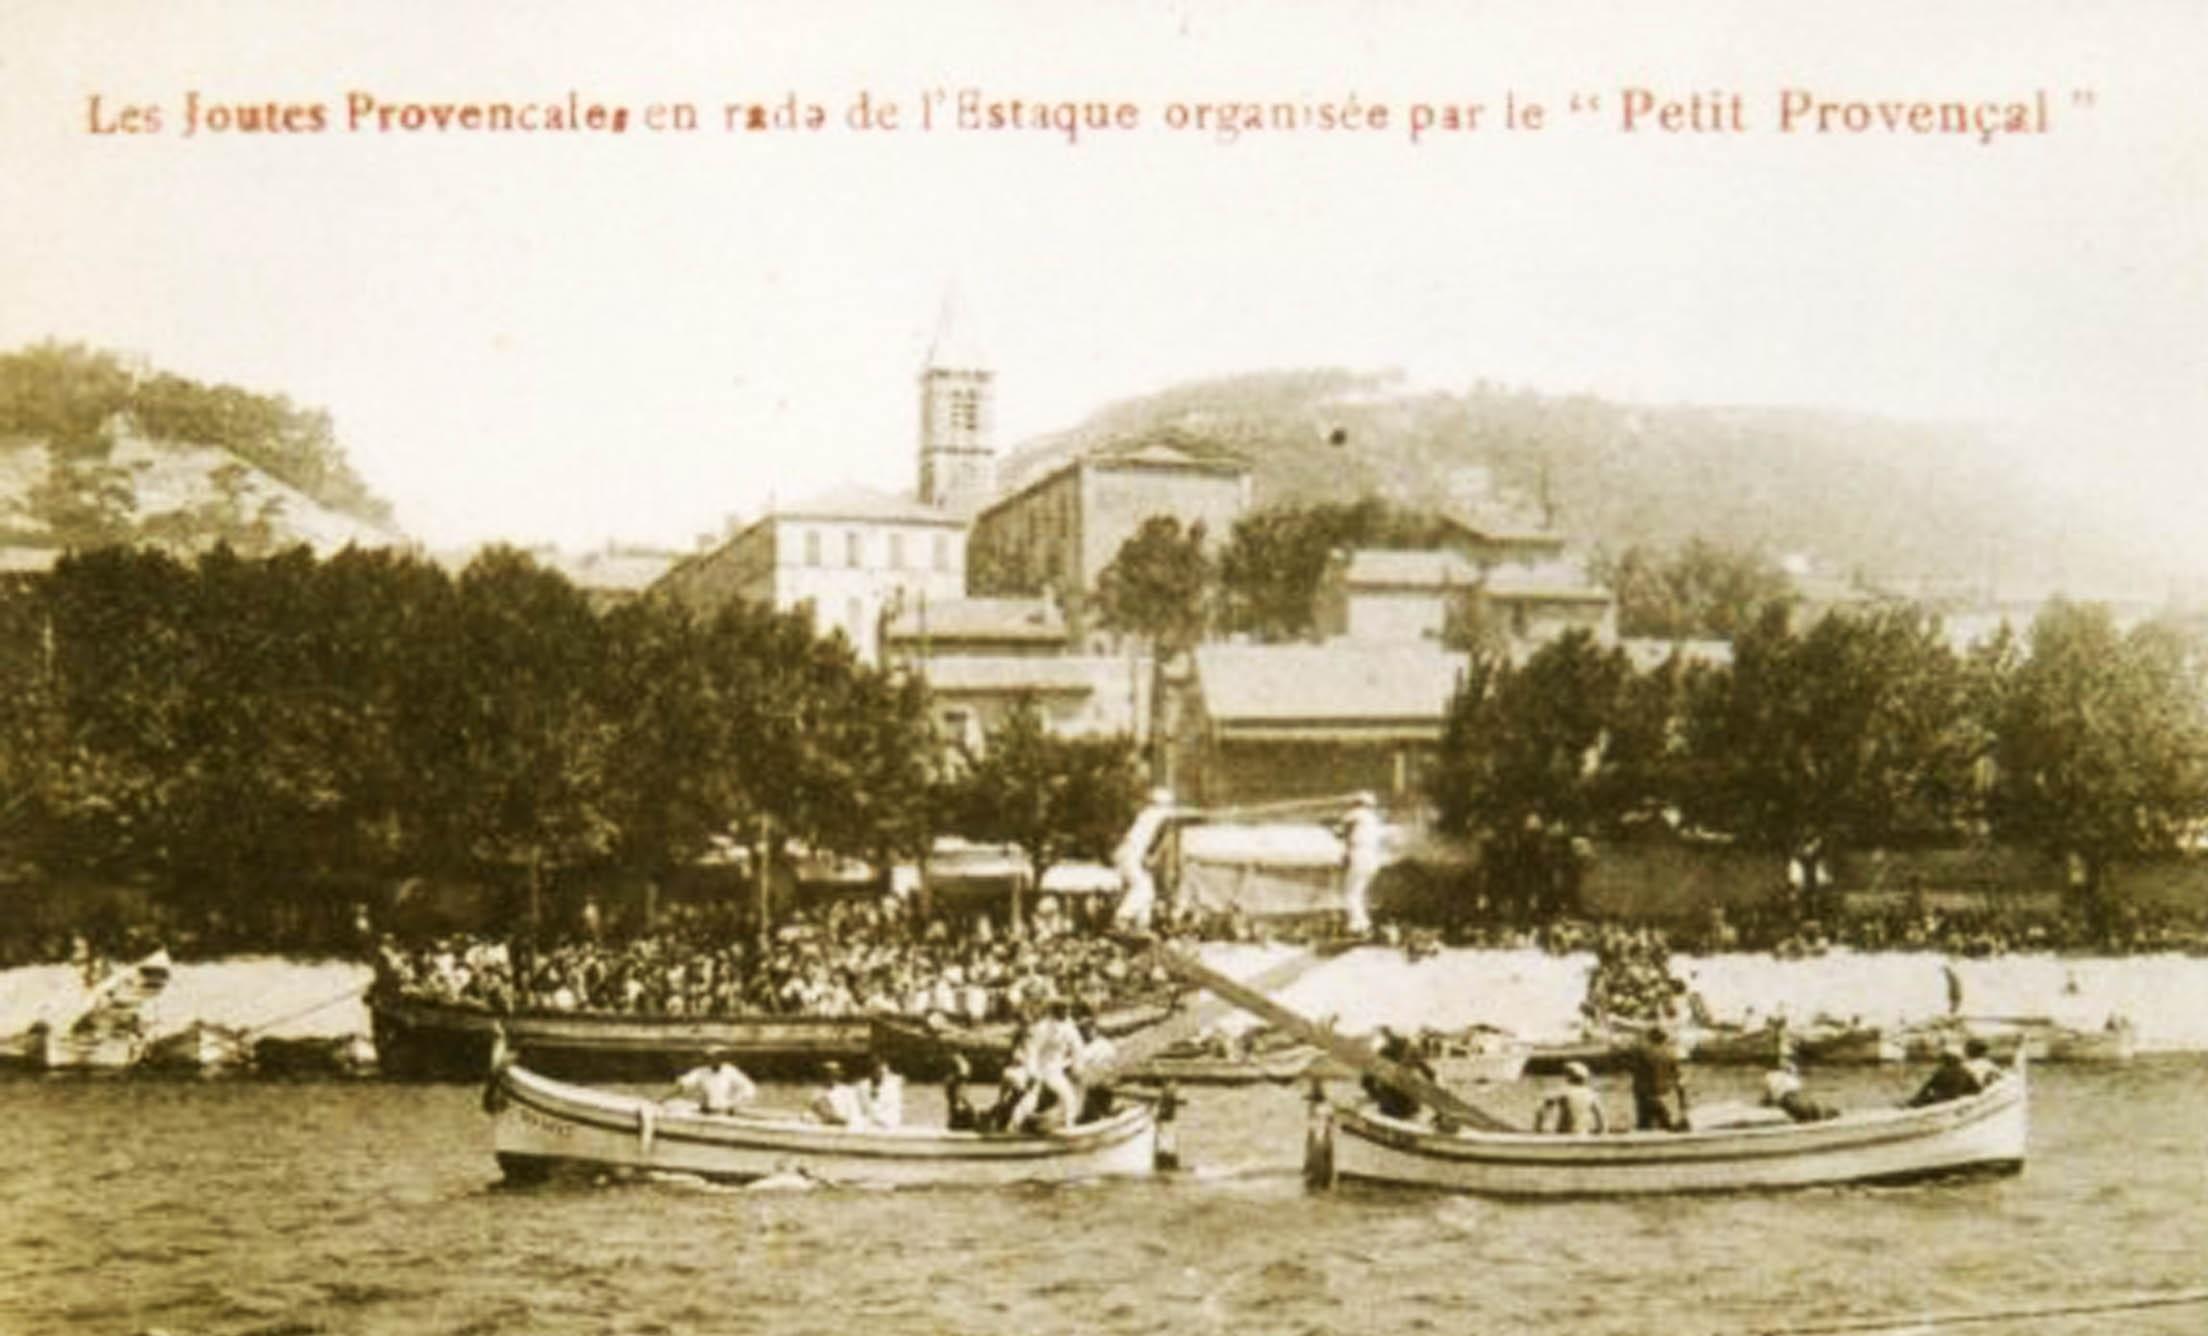 Les Joutes LEstaque Au Dbut Du XXe Sicle Carte Postale Ancienne Fournie